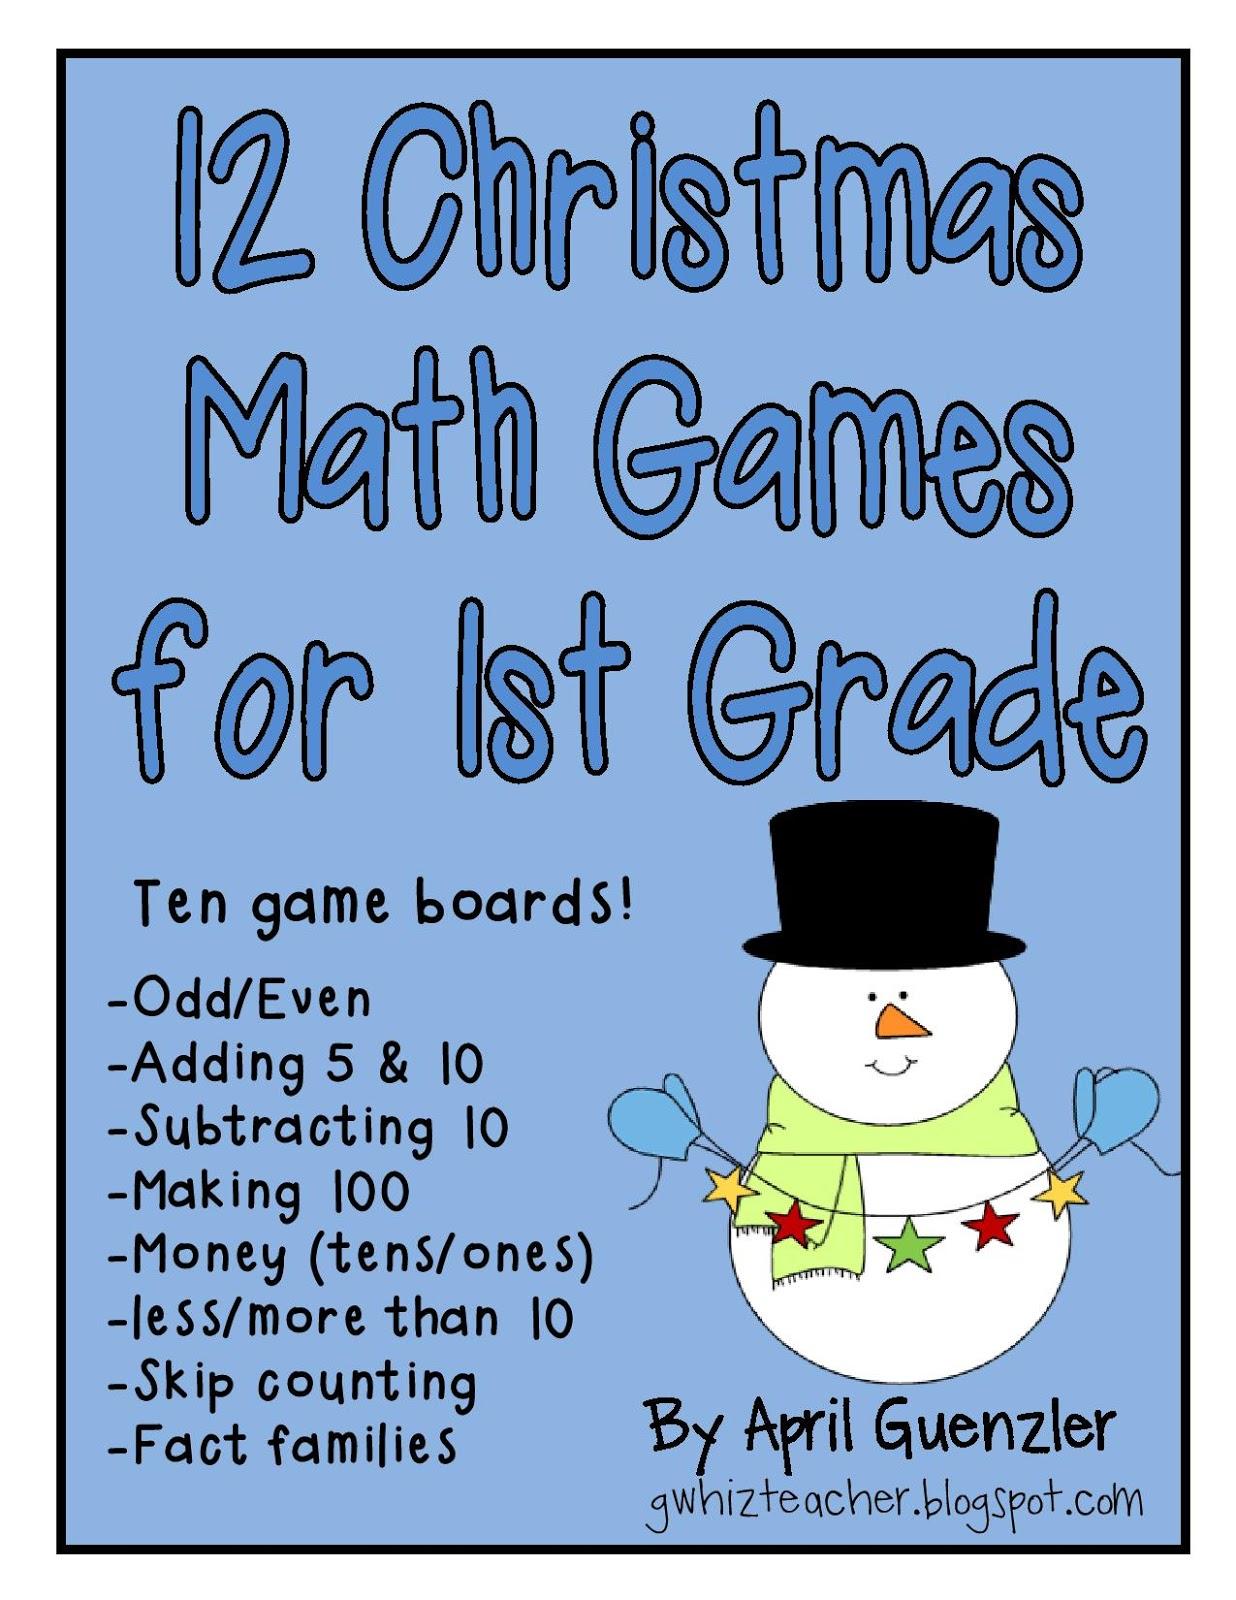 gwhizteacher: Christmas Math Games